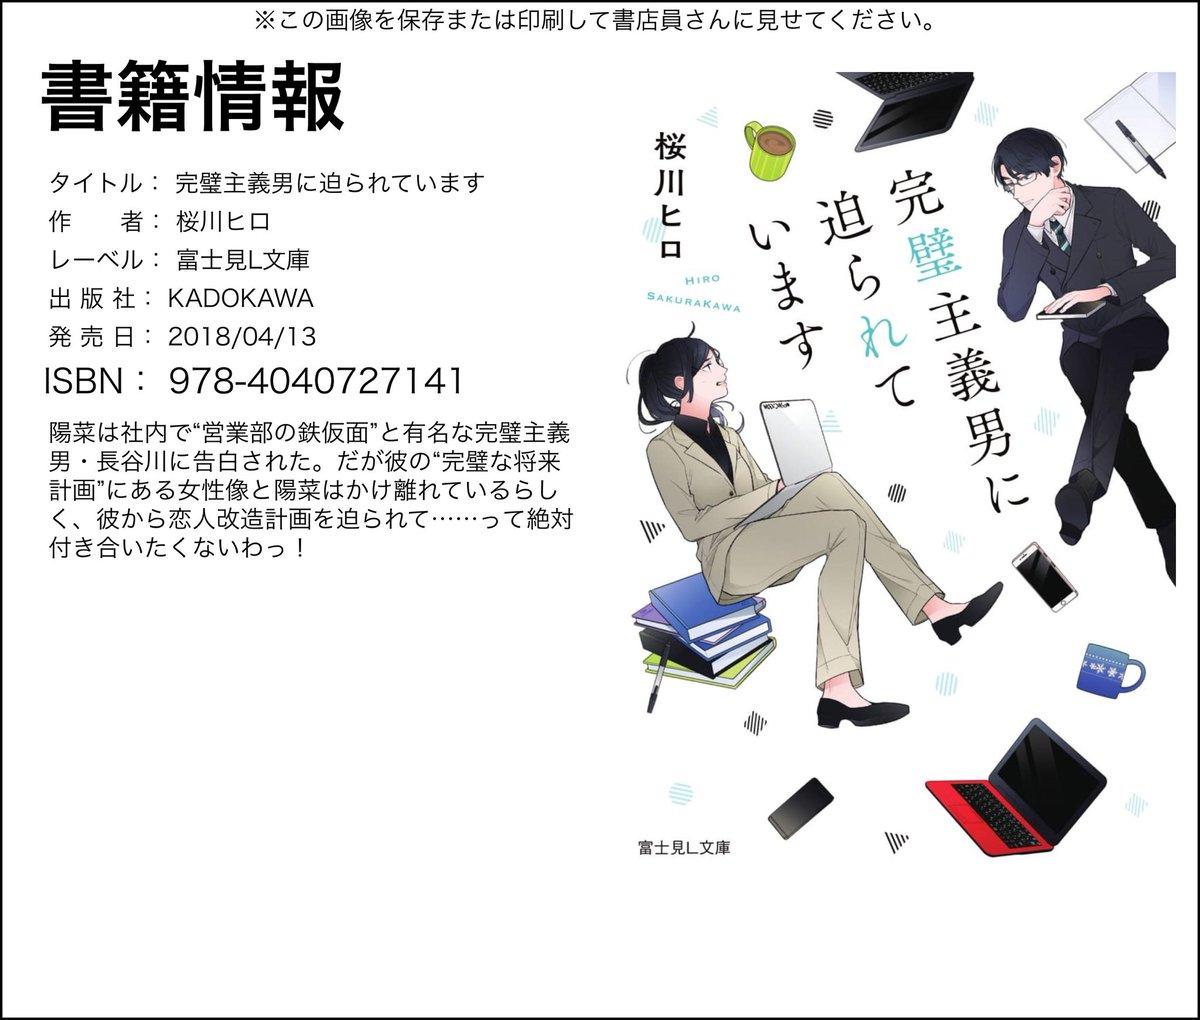 『完璧主義男』書籍情報スマホ